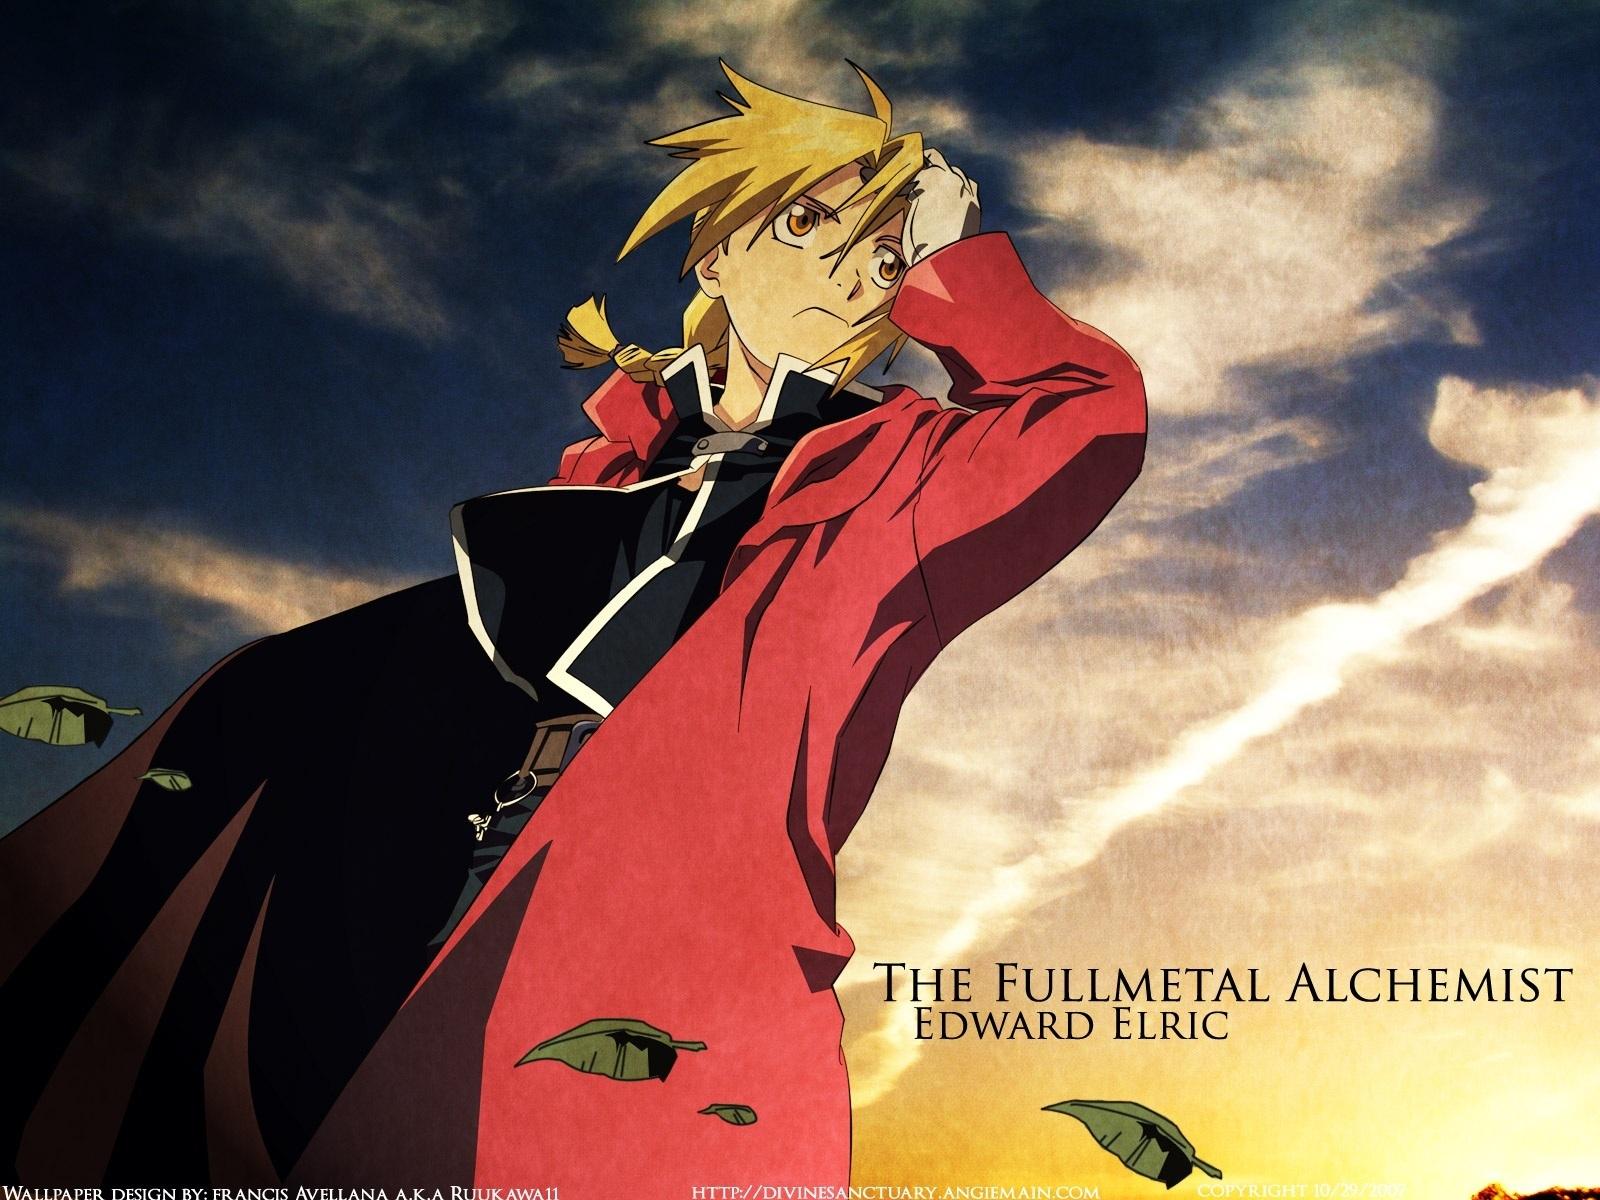 Edward-Wallpaper-full-metal-alchemist-25